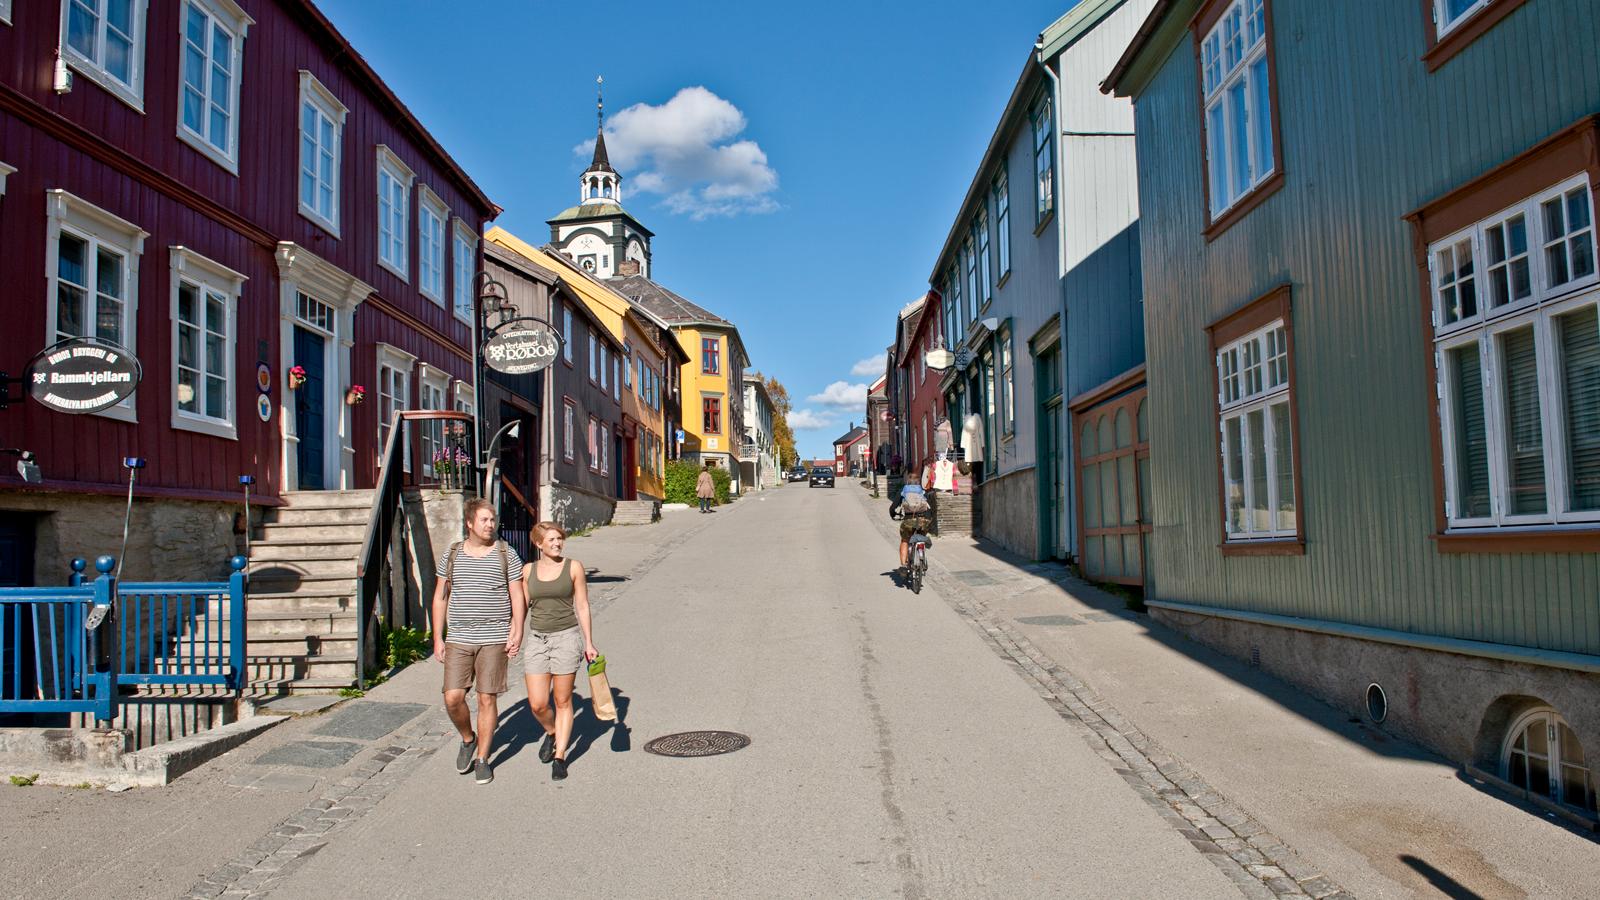 Ungt par på tur i Kjerkgata, Versthuset Røros og Berstadens Ziir i bakgrunnen. Foto: Terje Rakke / trondelag.com